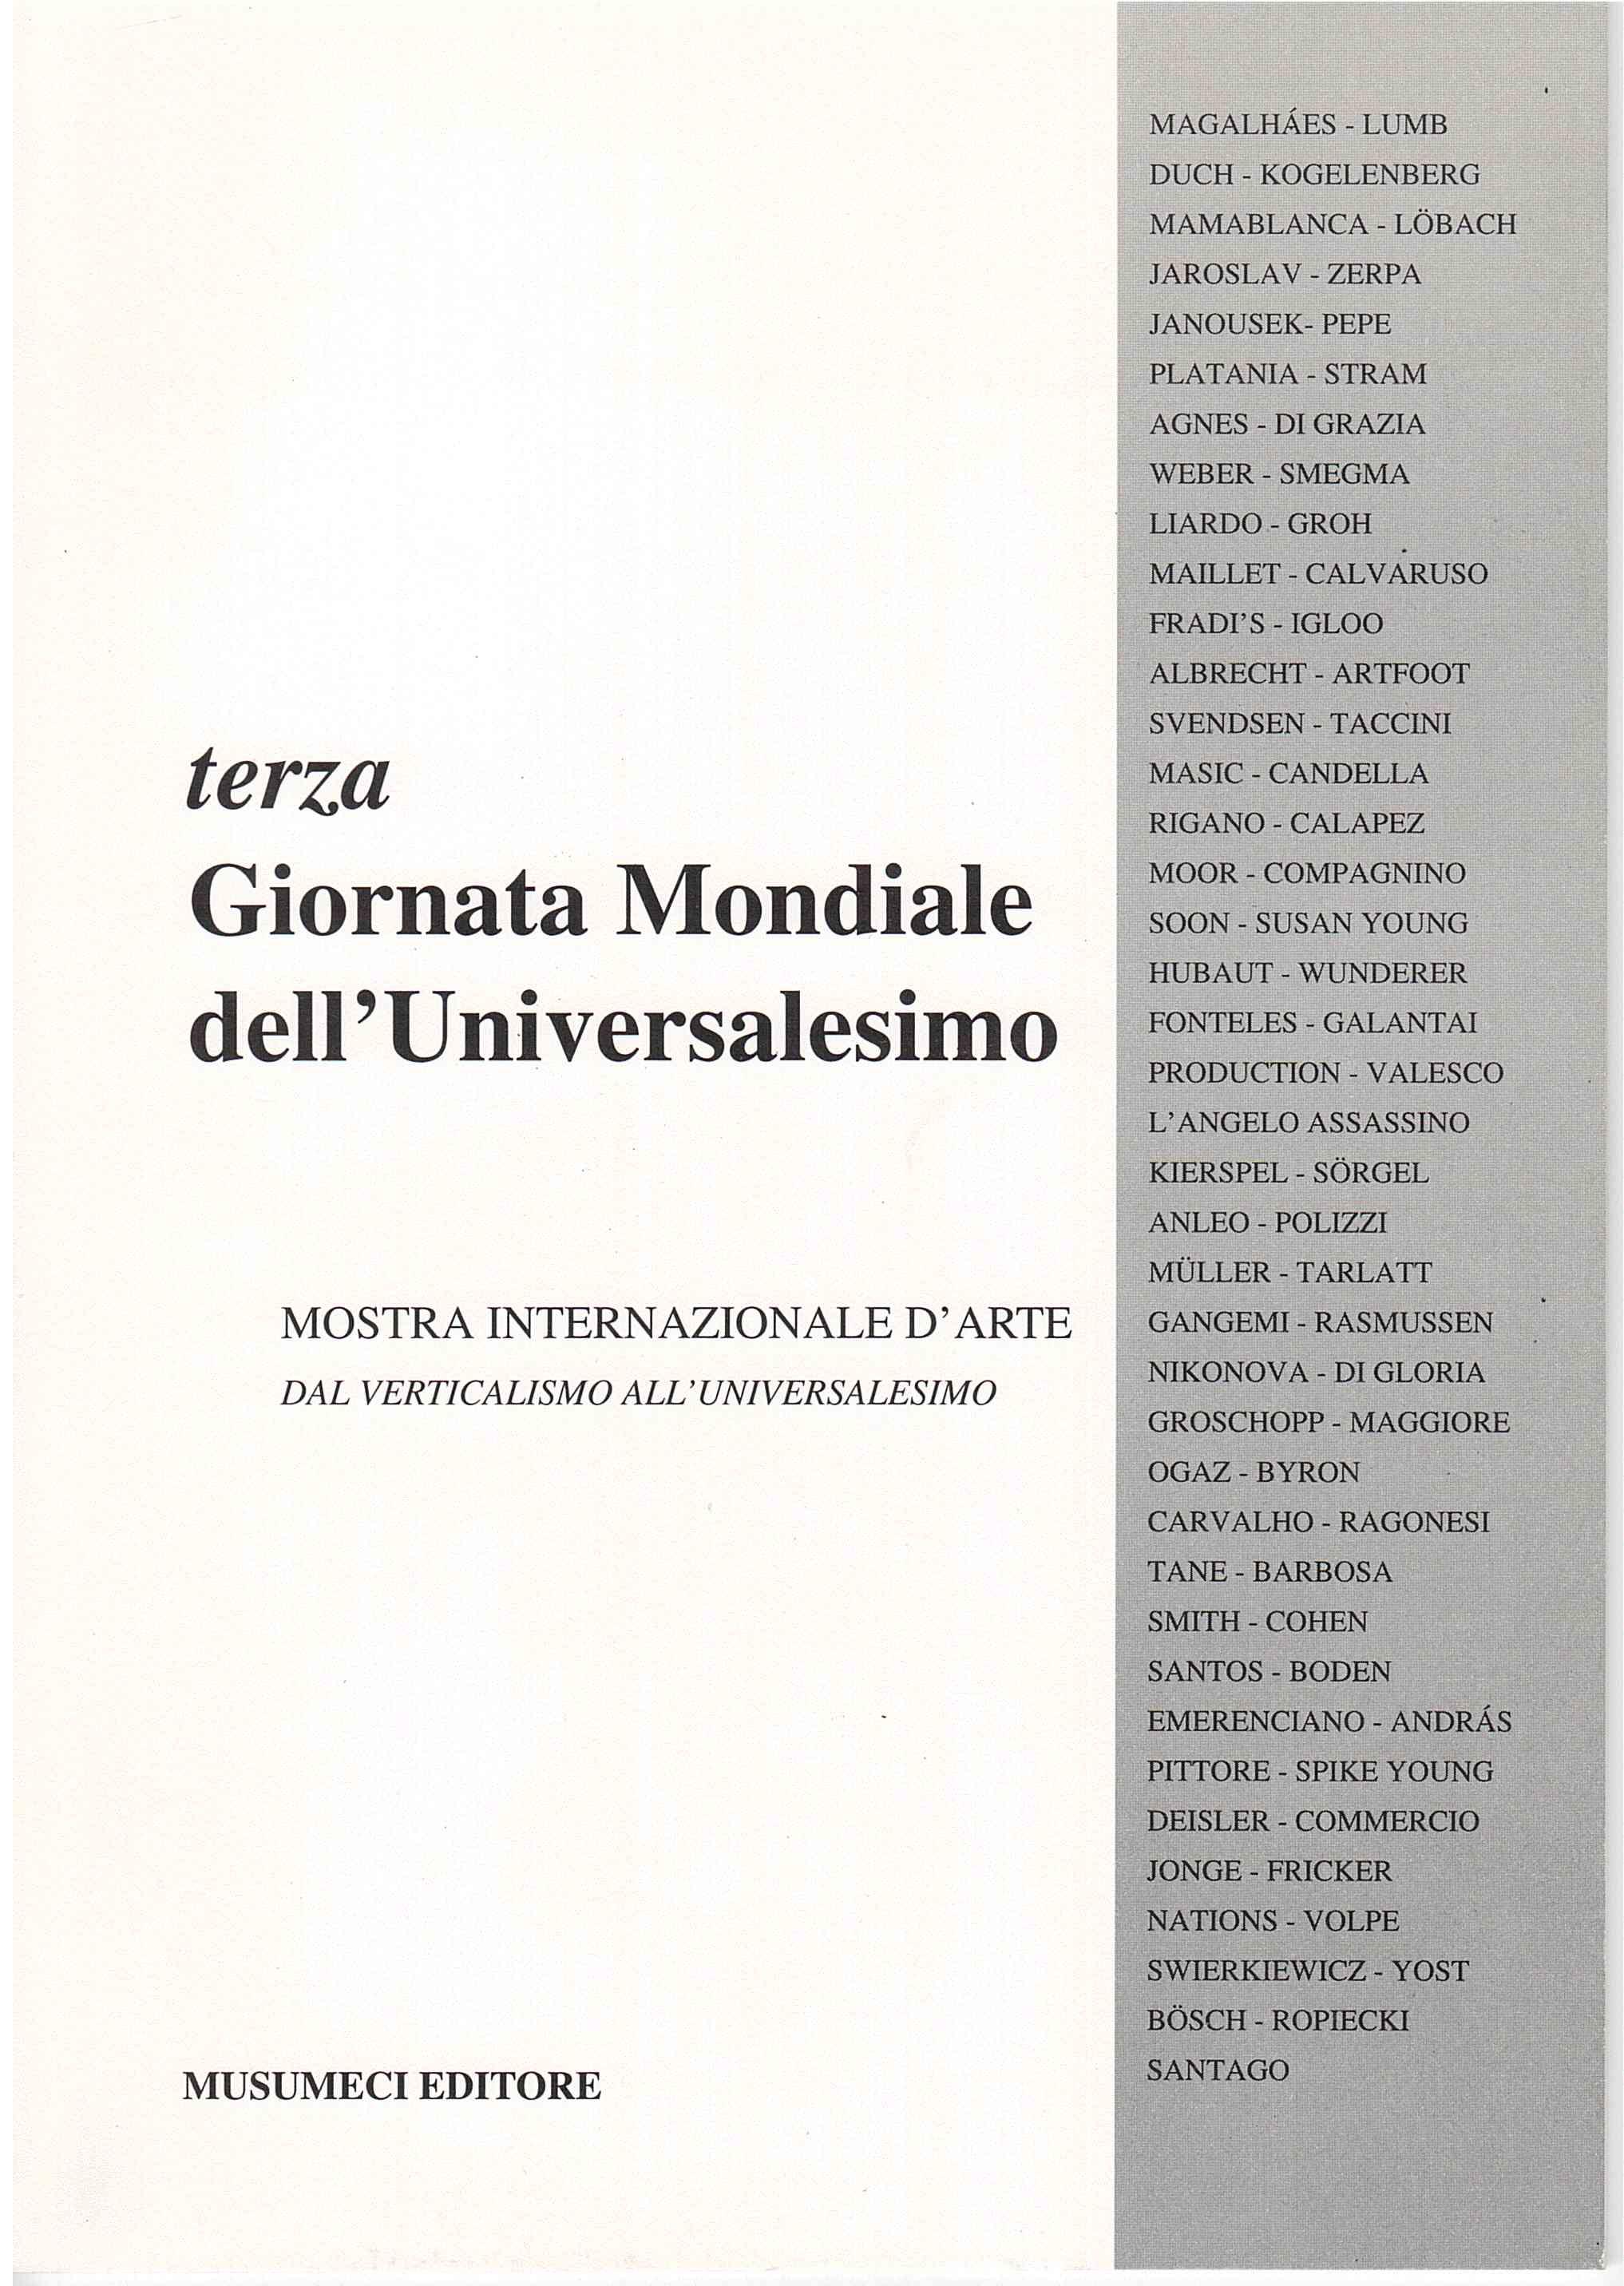 Terza Giornata Mondiale dell'universalismo